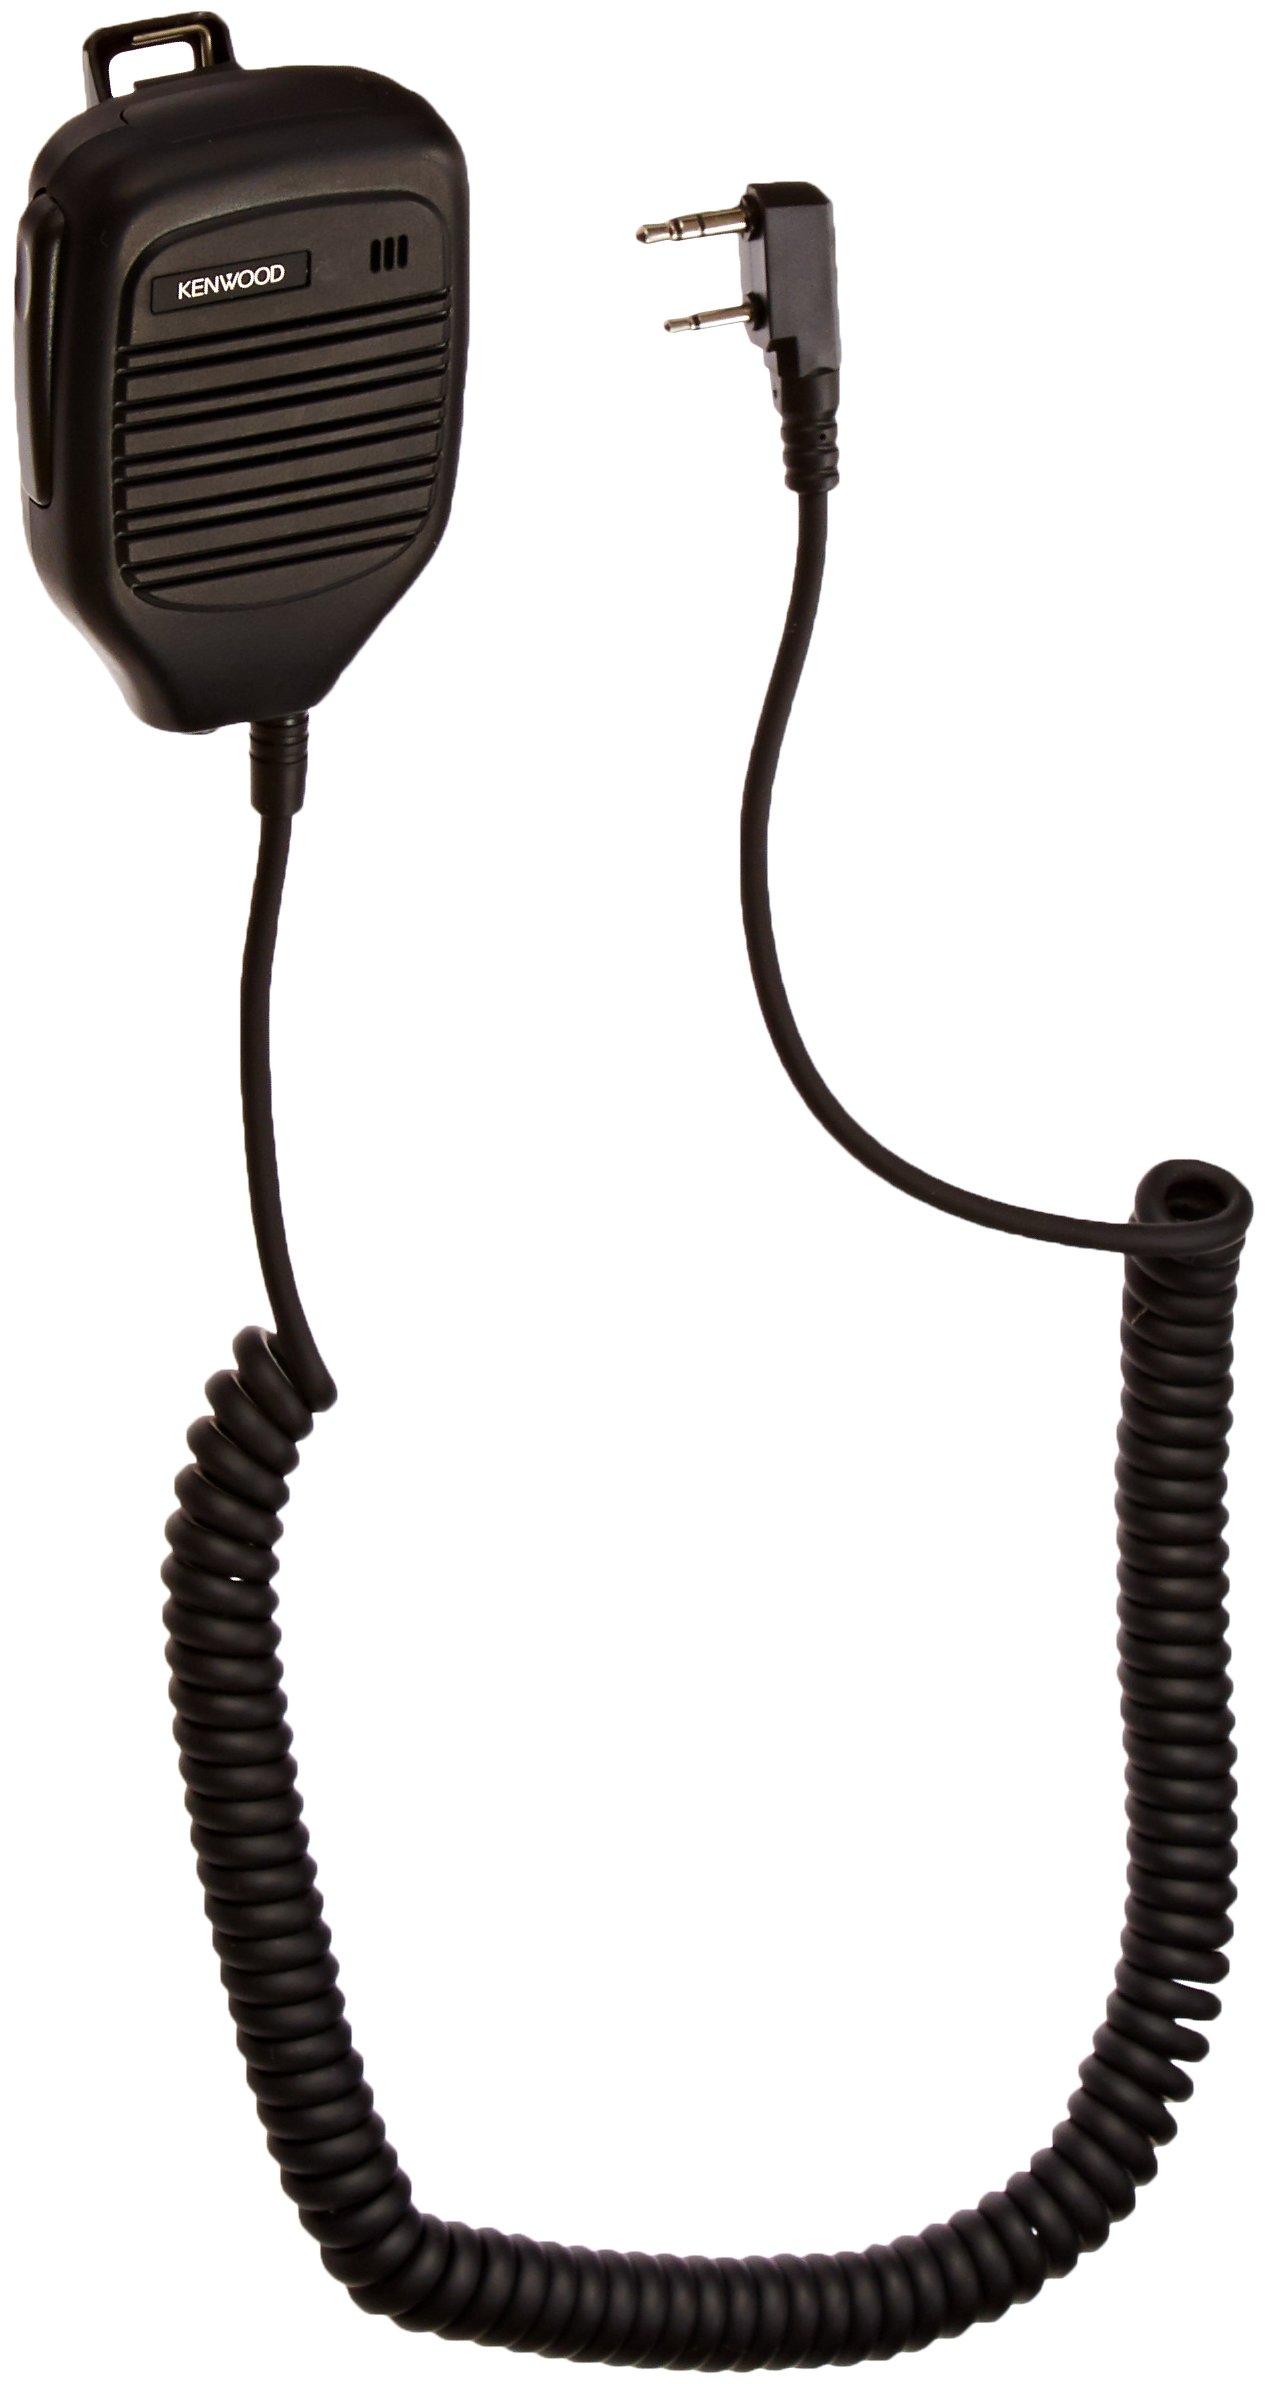 Kenwood KMC 21 Compact Speaker Microphone